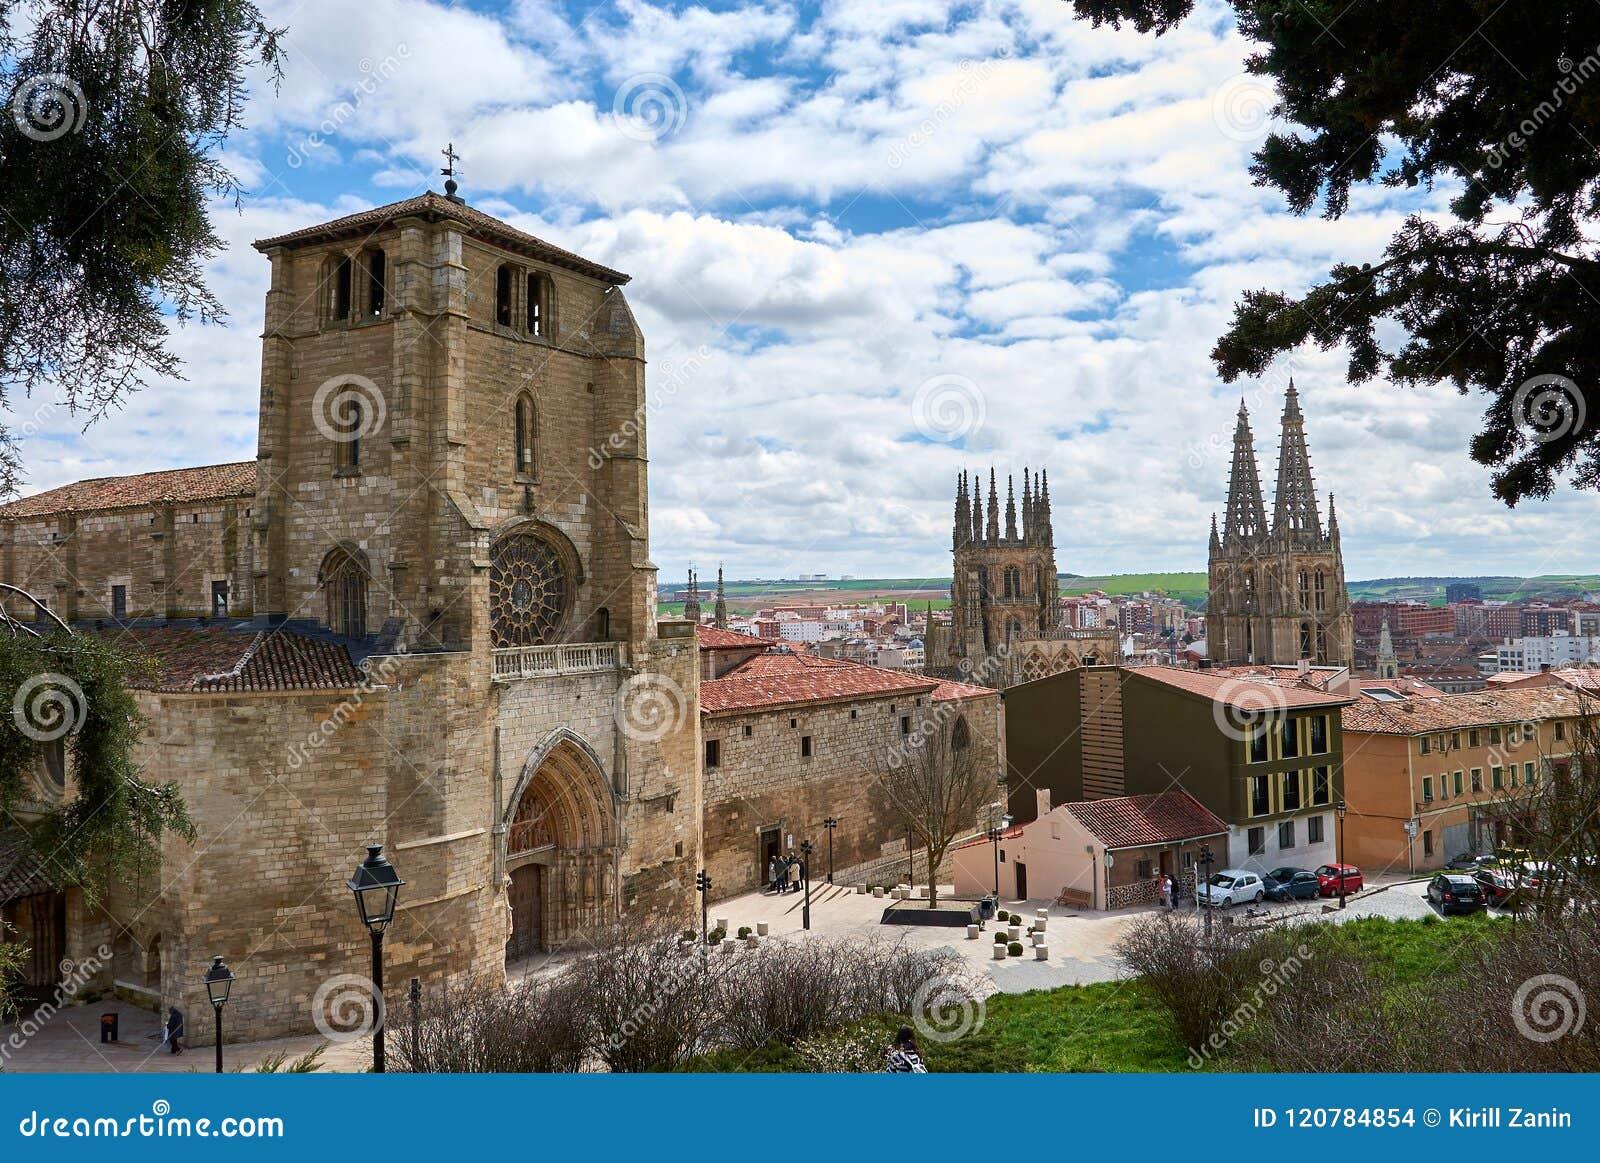 ³ n, España de Burgos, Castilla y LeÃ